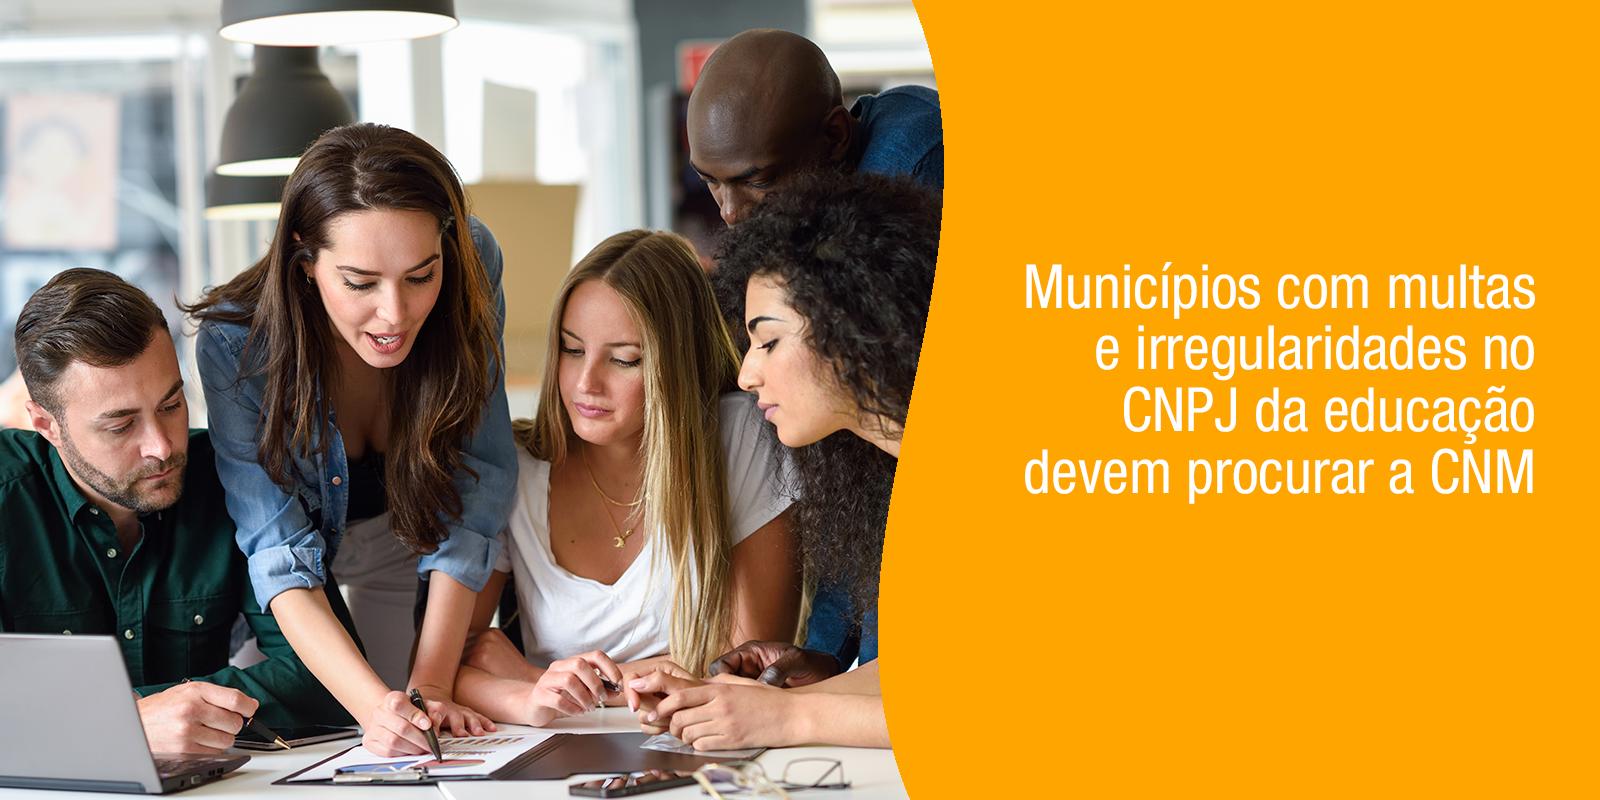 Municípios com multas e irregularidades no CNPJ da educação devem procurar a CNM